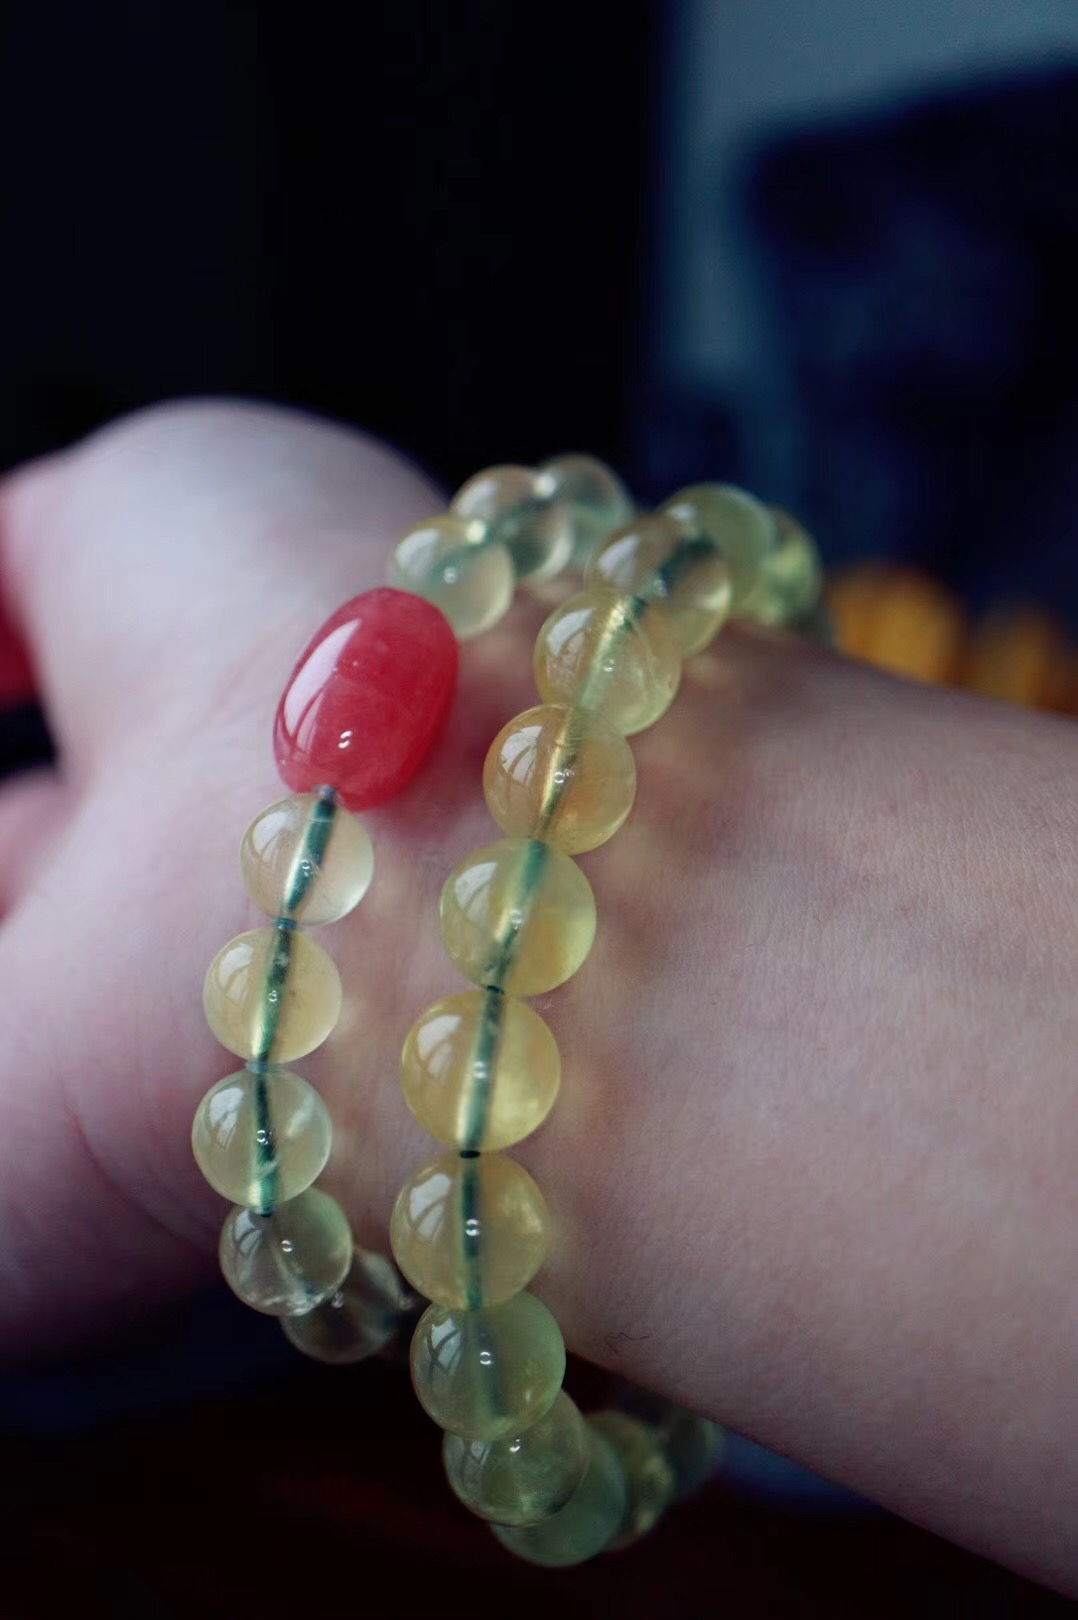 【菩心葡萄石 | 红纹石】 葡萄石,能够提高直觉力,化解压力-菩心晶舍